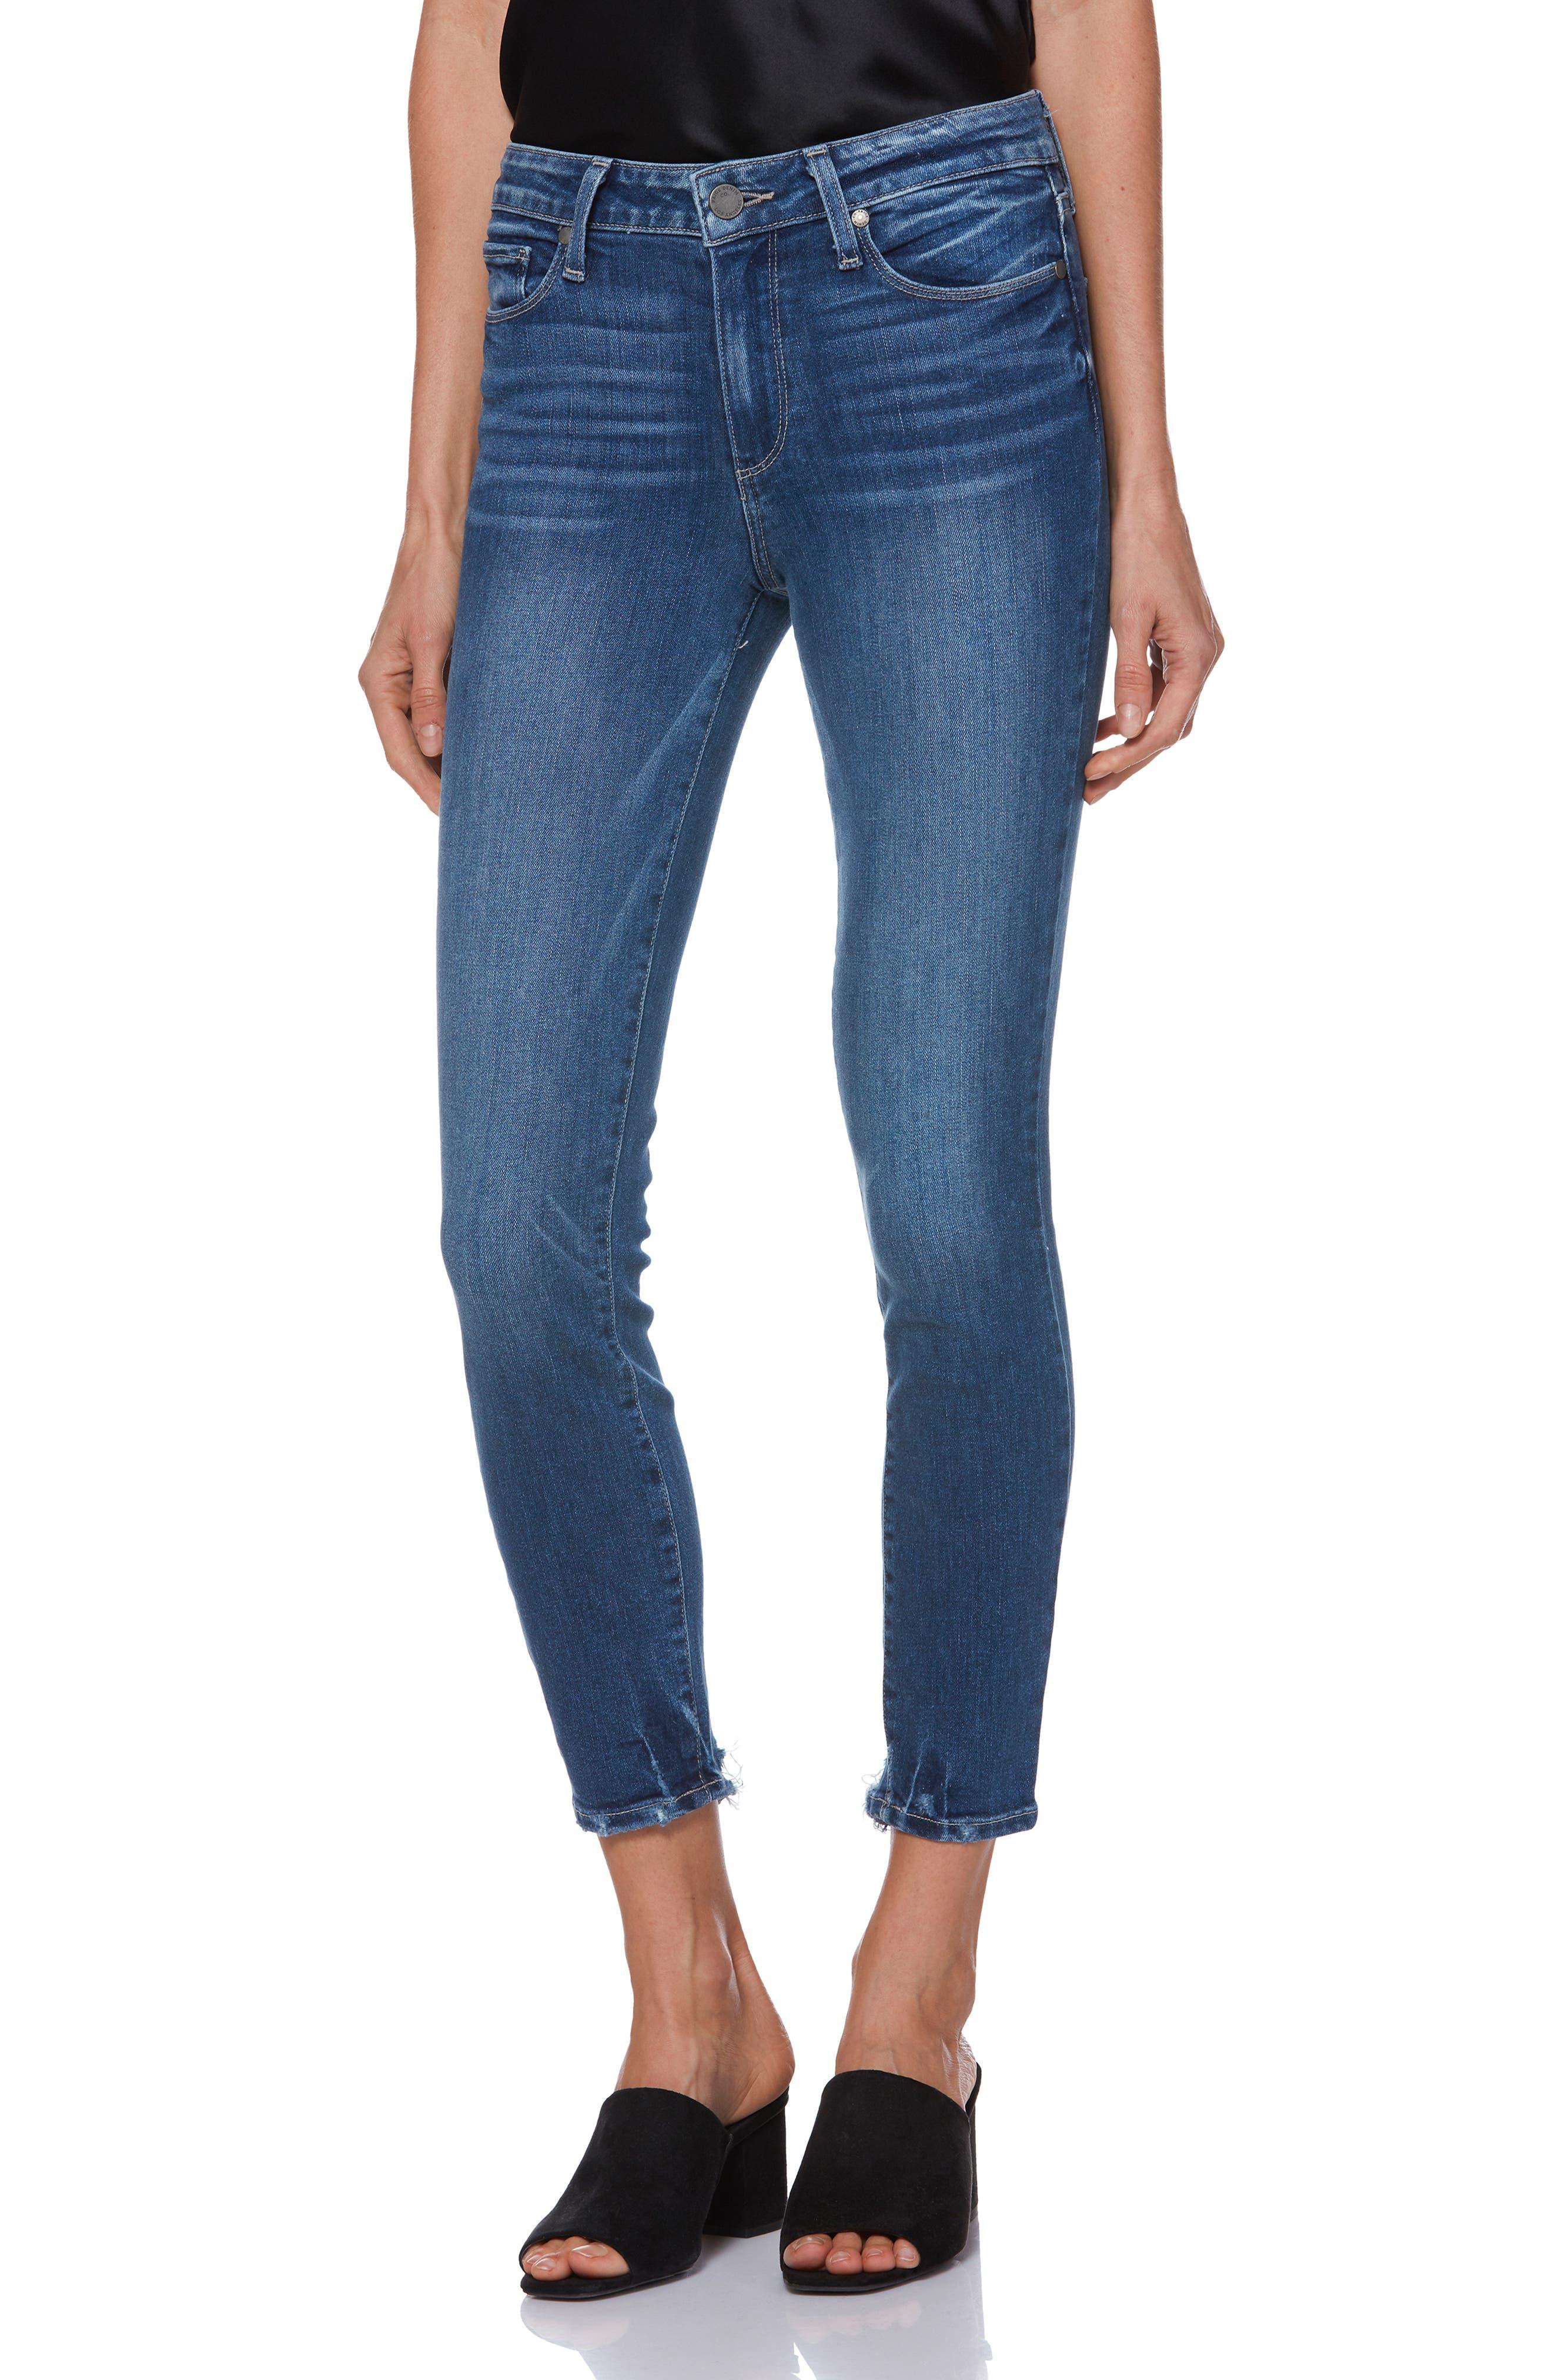 PAIGE, Hoxton Transcend Vintage High Waist Crop Skinny Jeans, Main thumbnail 1, color, 400